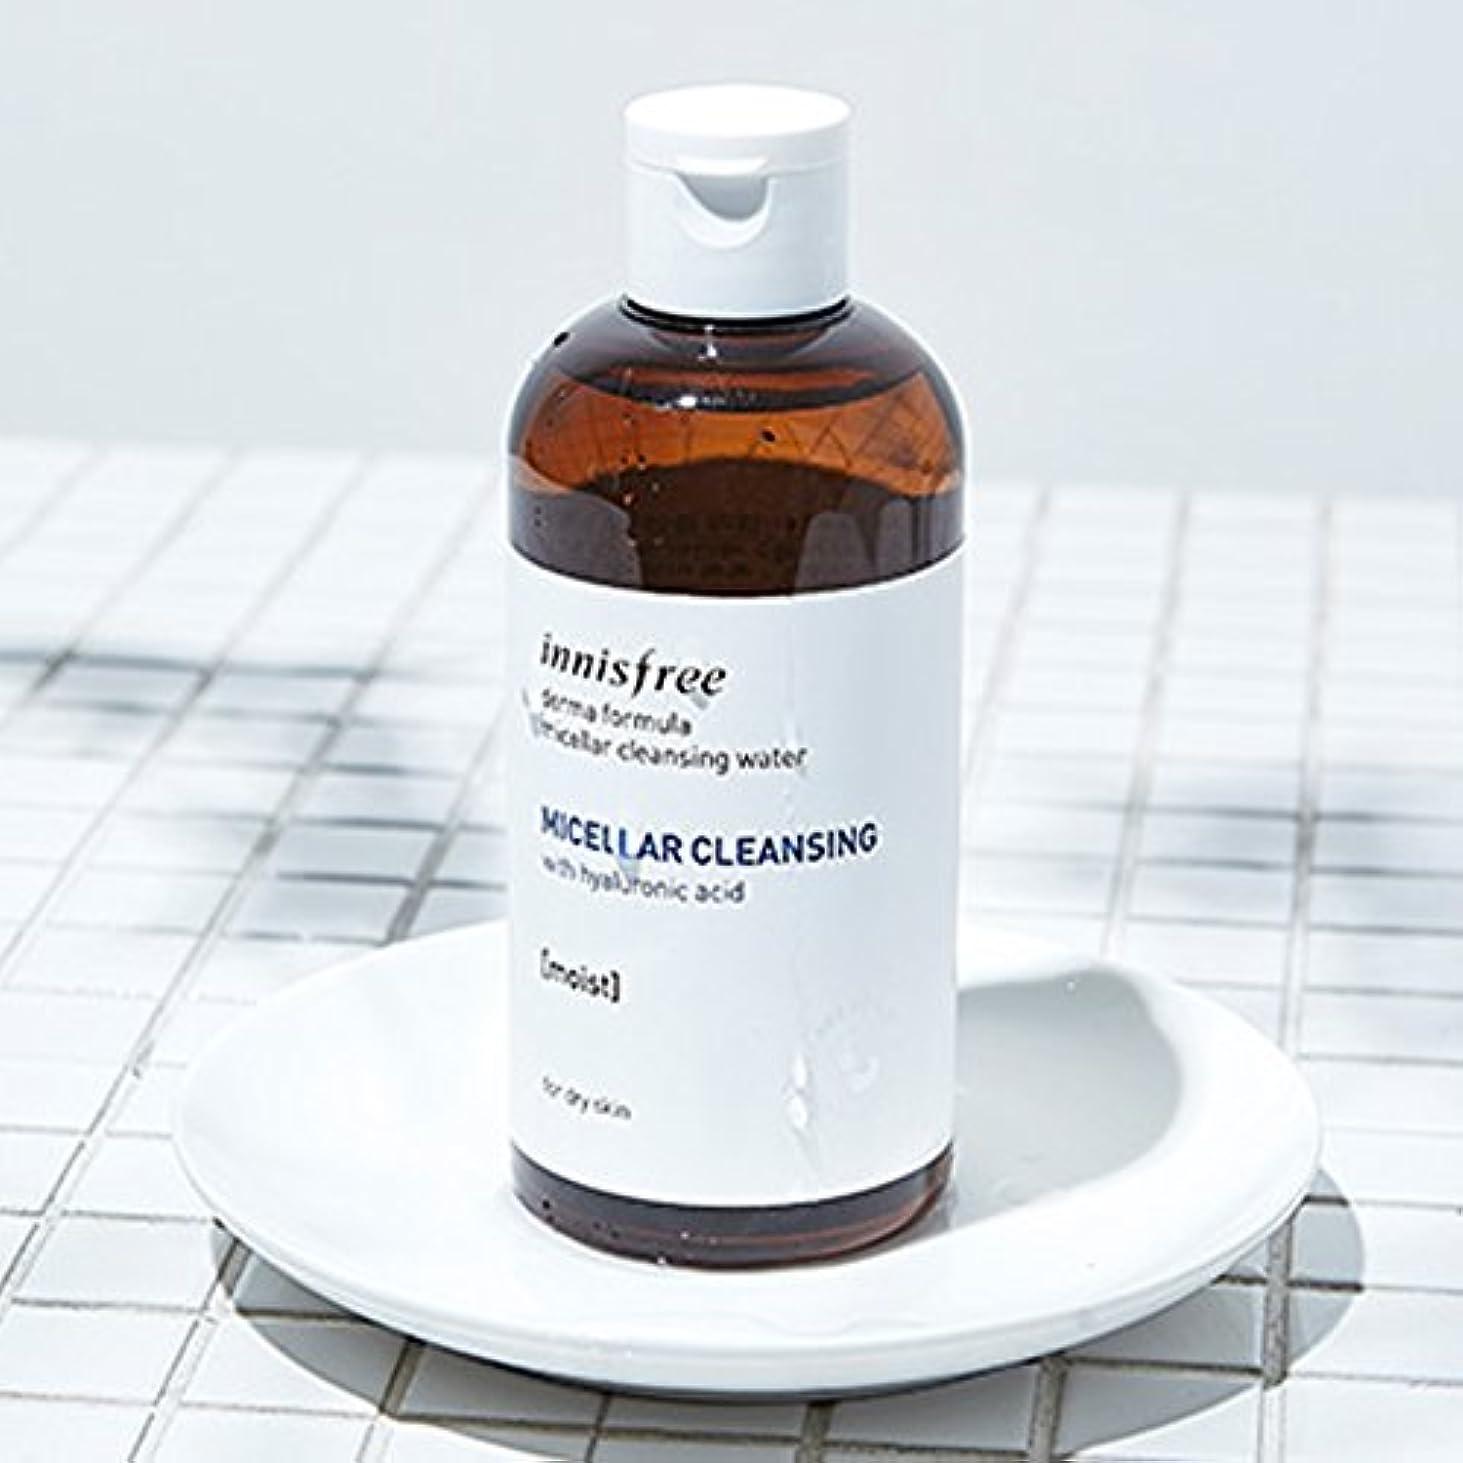 エクスタシーカトリック教徒和イニスフリータンジェリンビタCスキン(トナー)200ml Innisfree Tangerine Vita C Skin(Toner) 200ml [海外直送品][並行輸入品]